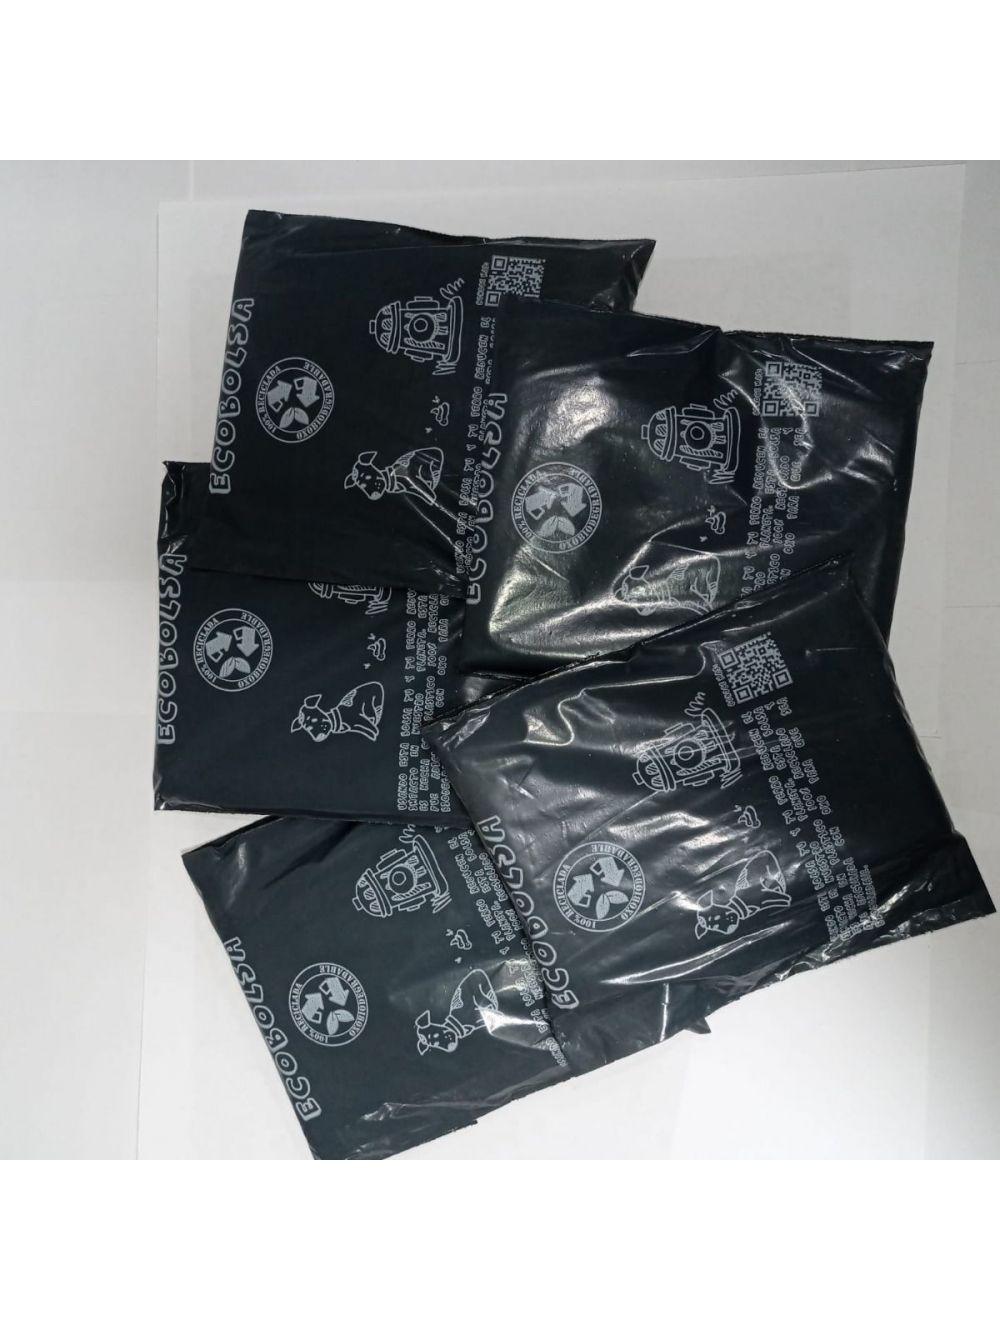 Bolsas Biodegradables Estampadas x 5 Rollos Small+ portabolsas - Ciudaddemascotas.com